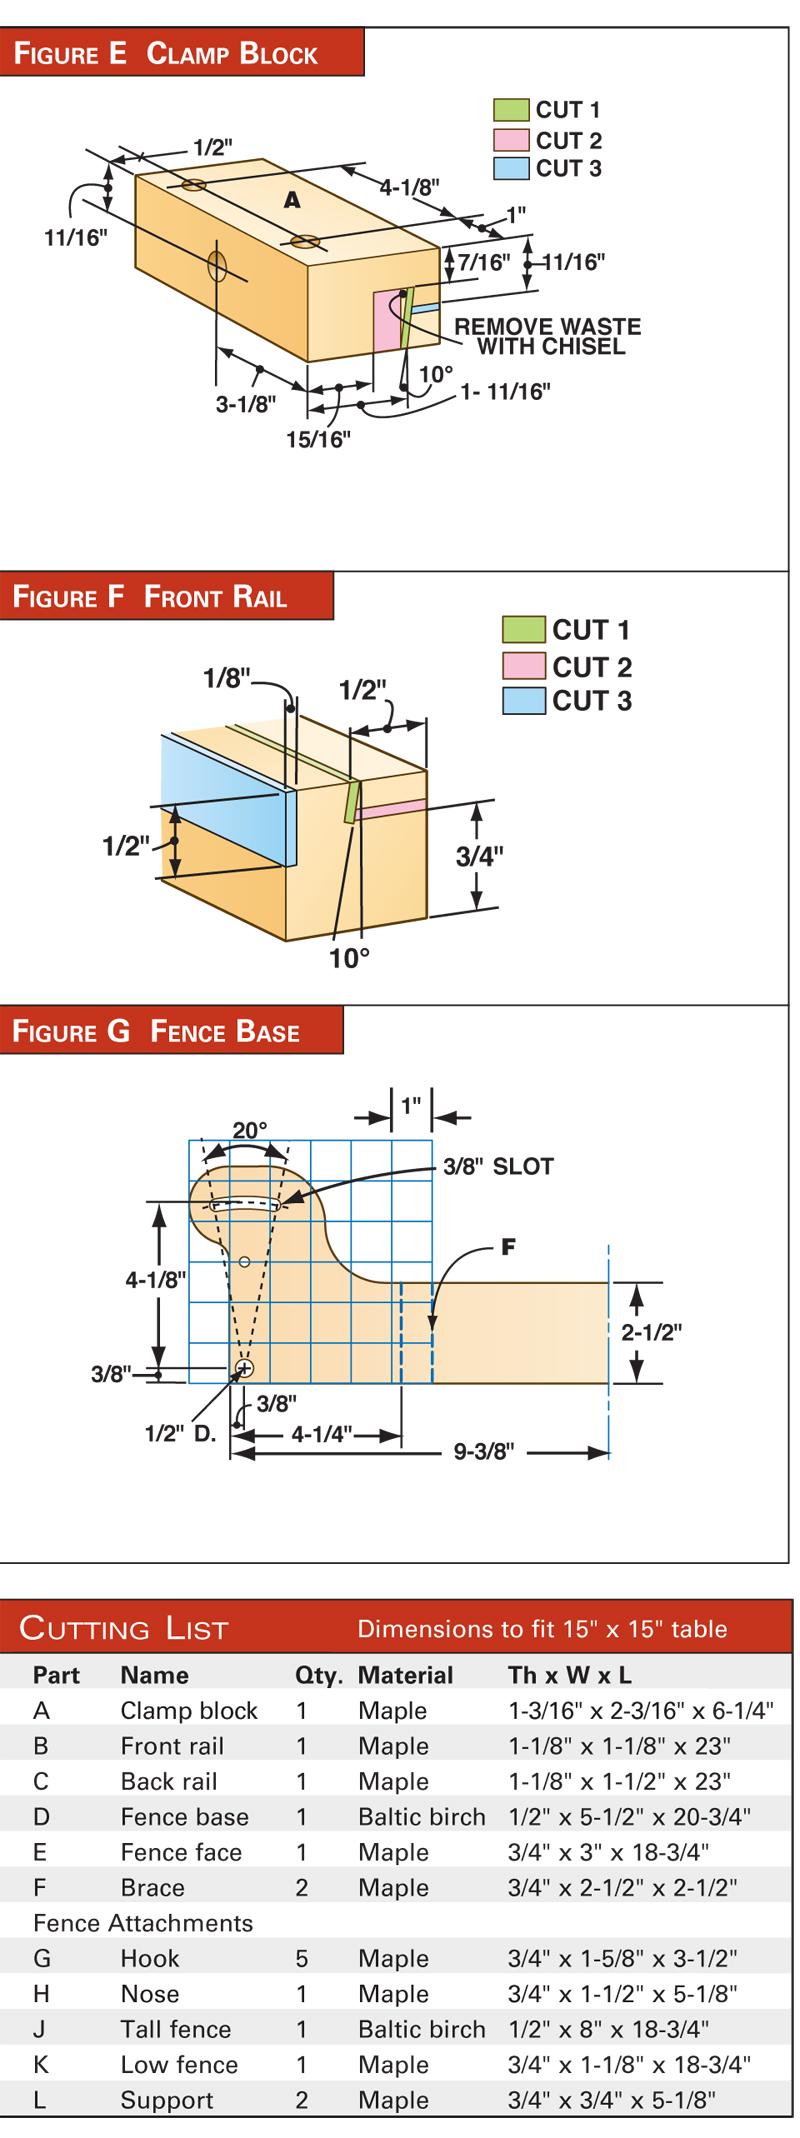 Bandsaw-Fence_118_CutList_FigsE-G